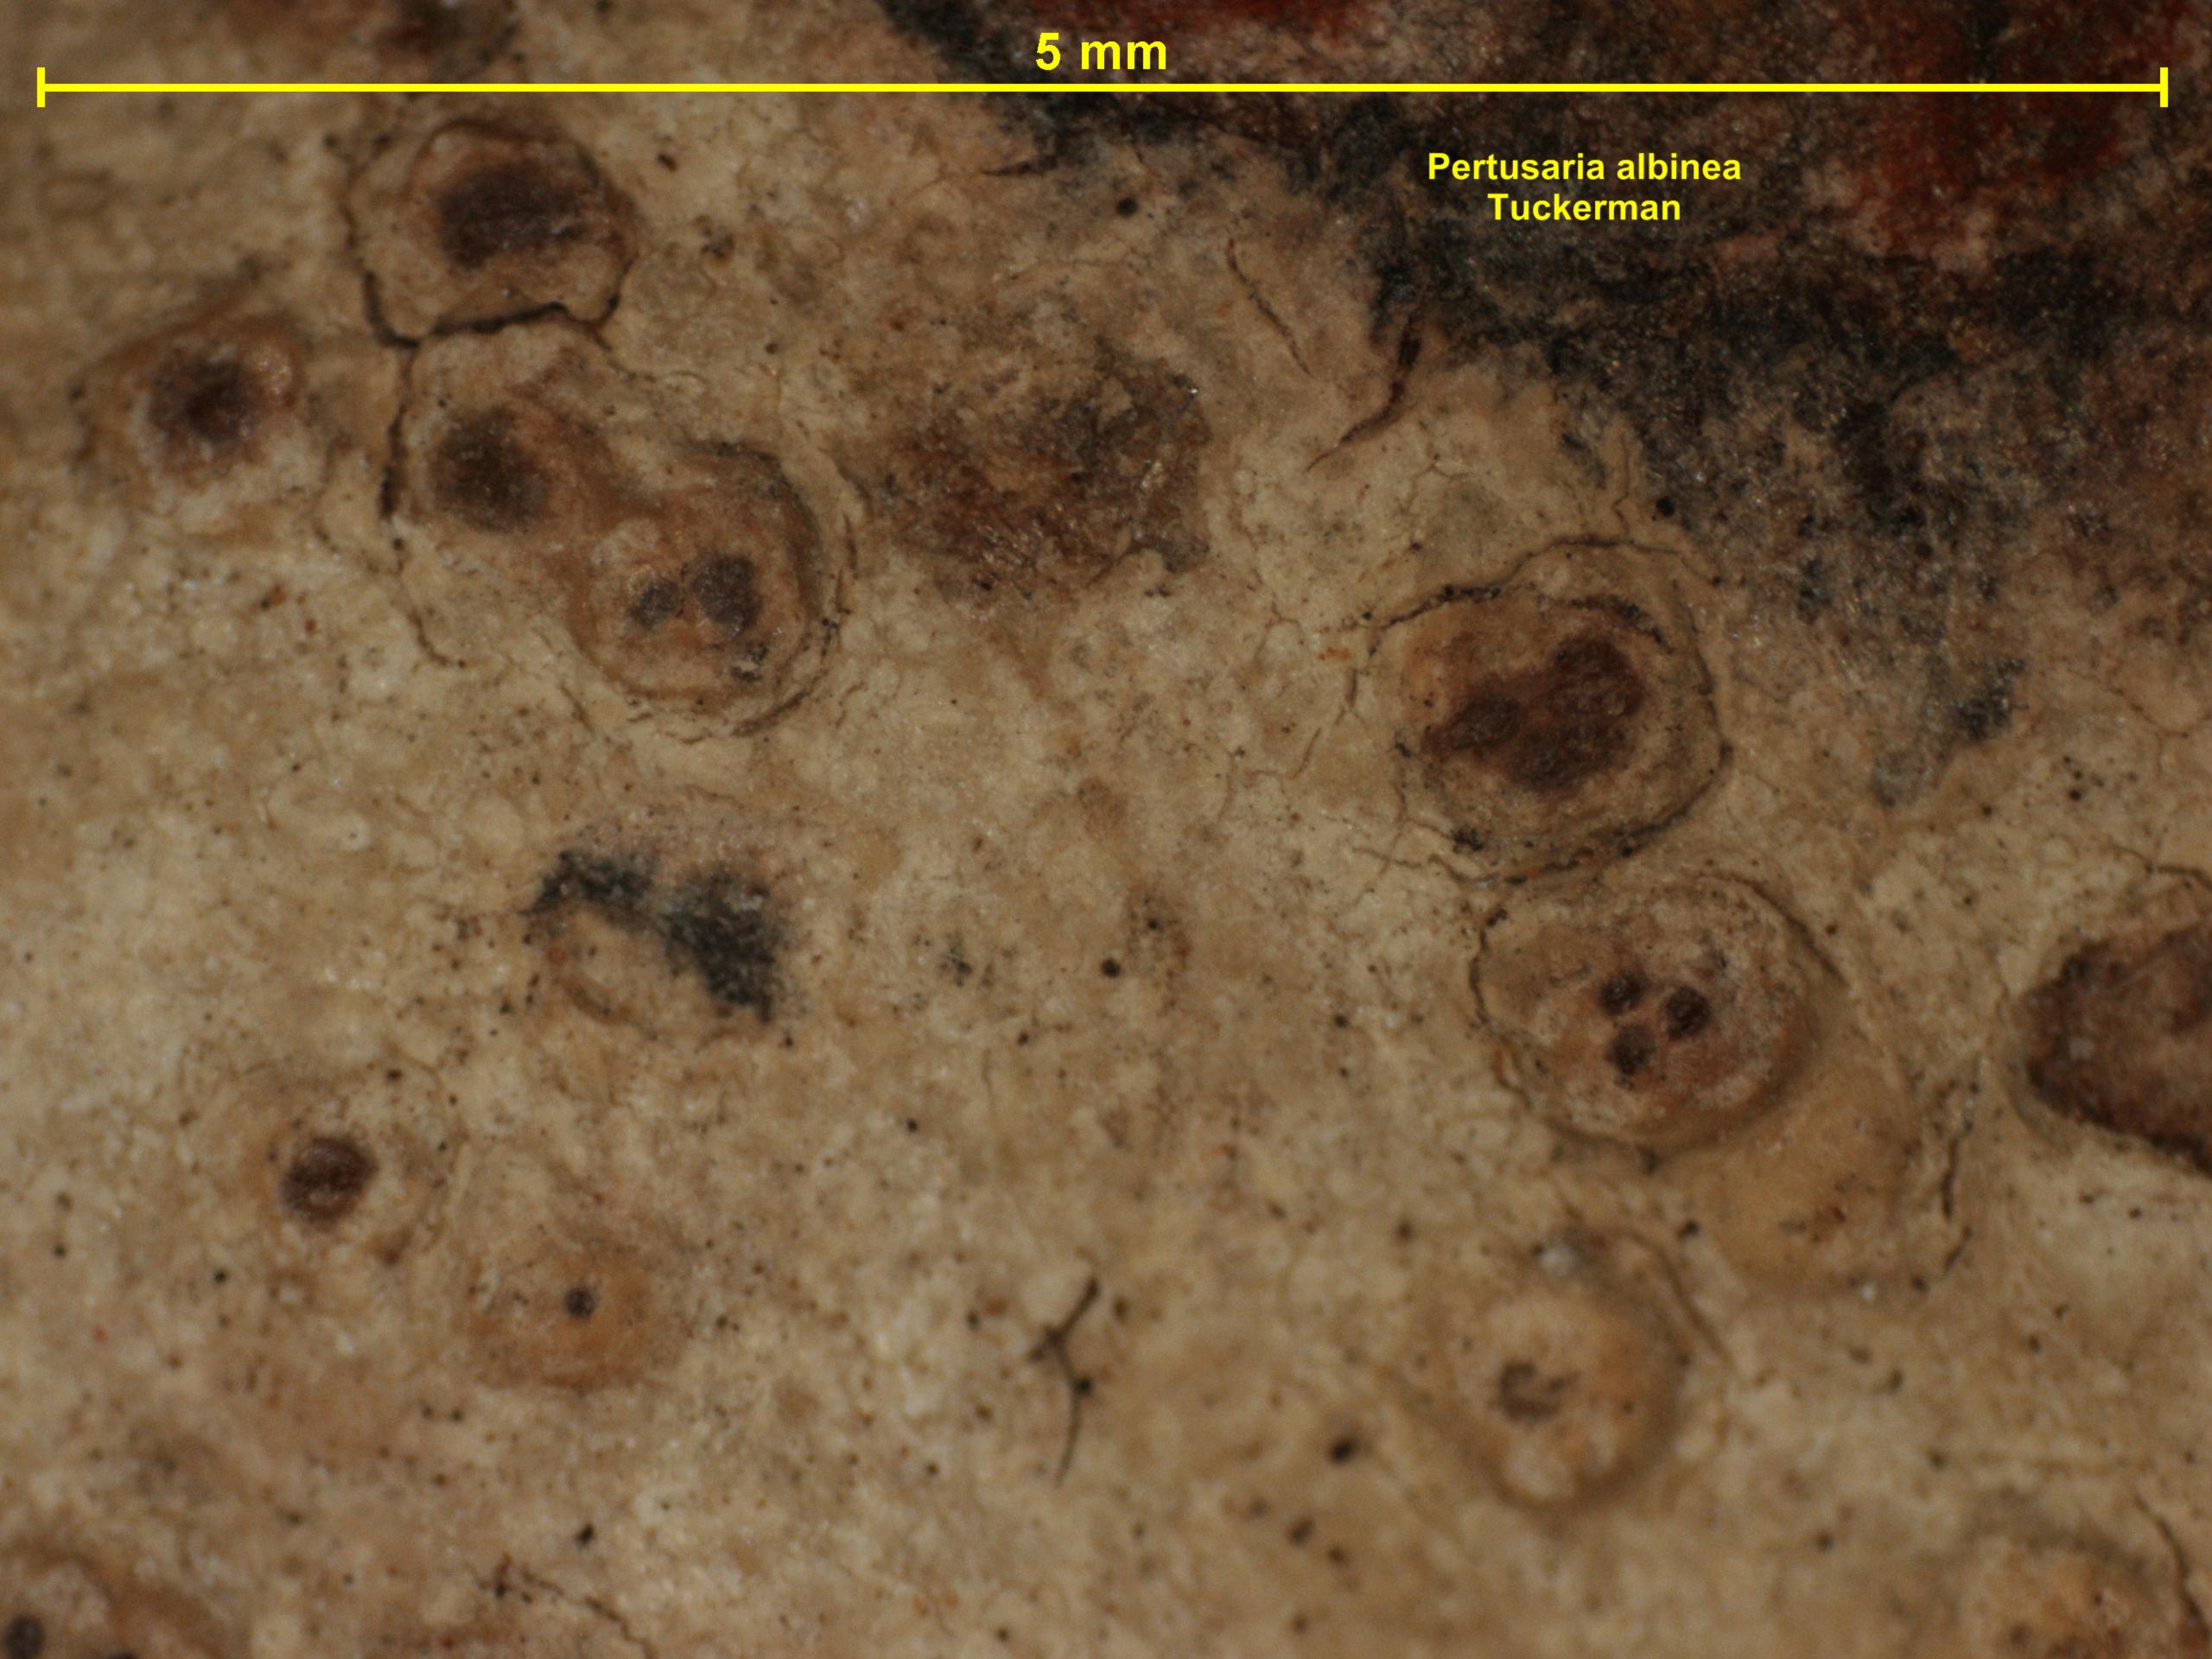 Pertusaria albinea image